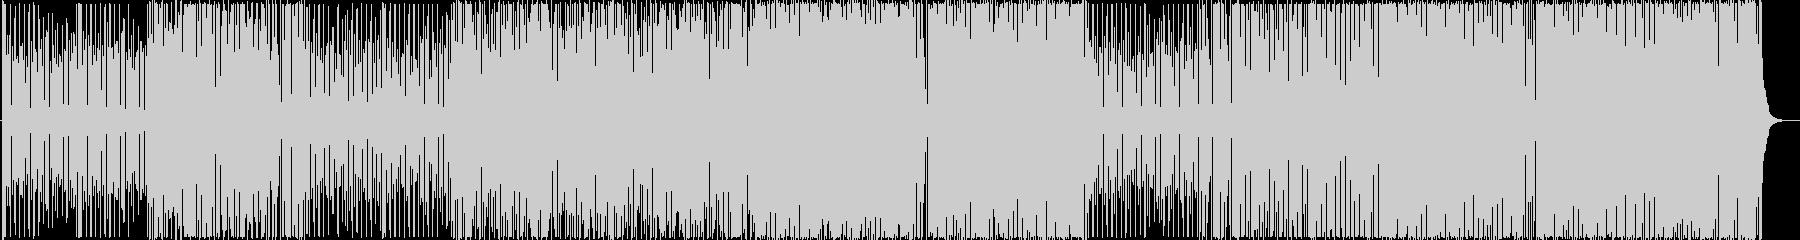 ハロウィン用、不気味でコミカルなマーチの未再生の波形